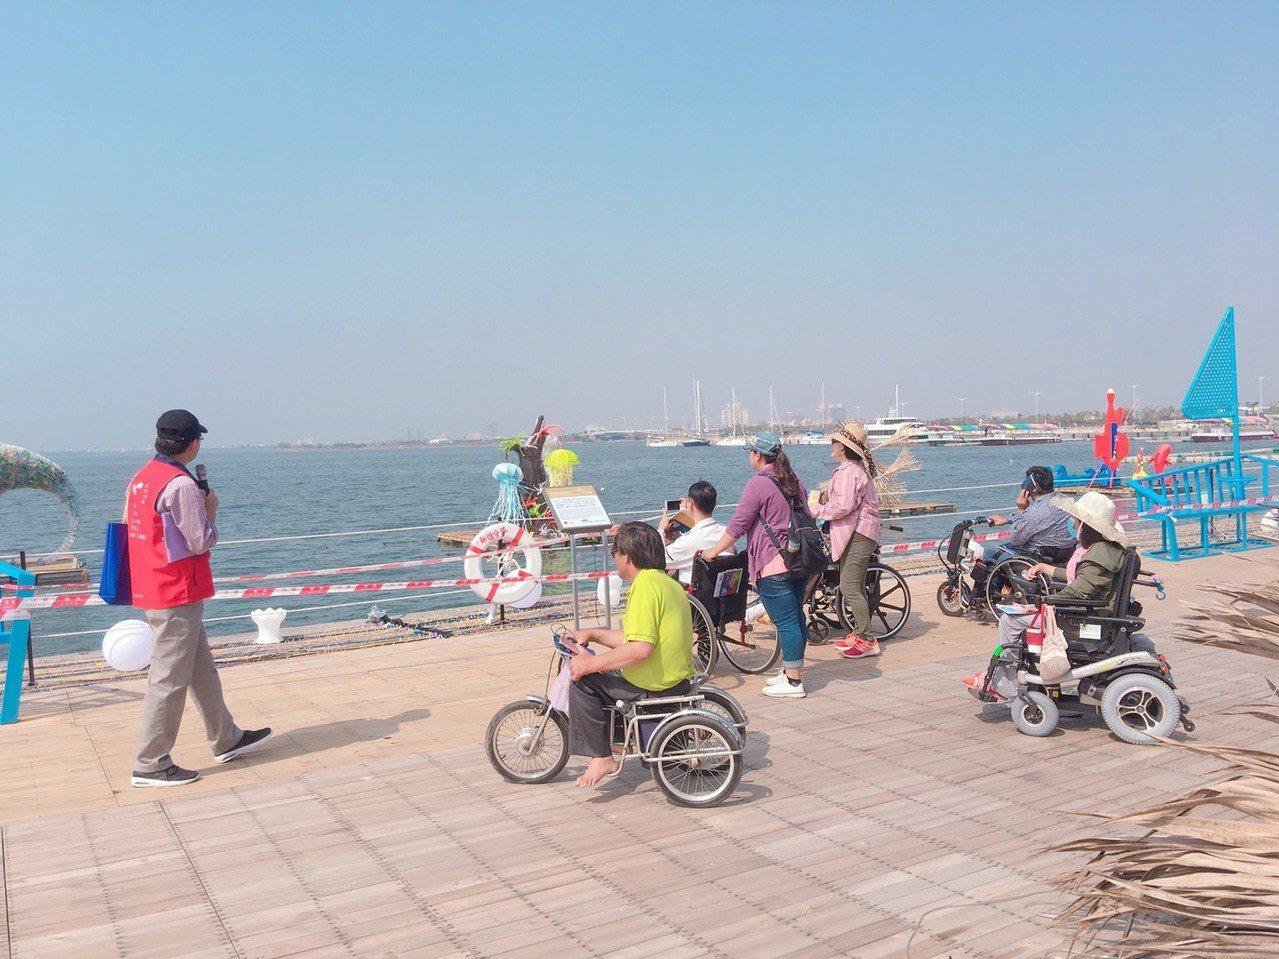 台灣燈會貼心規畫5項無障礙措施,讓身障者、體弱年長和幼兒都能開心逛燈會。圖/縣府...